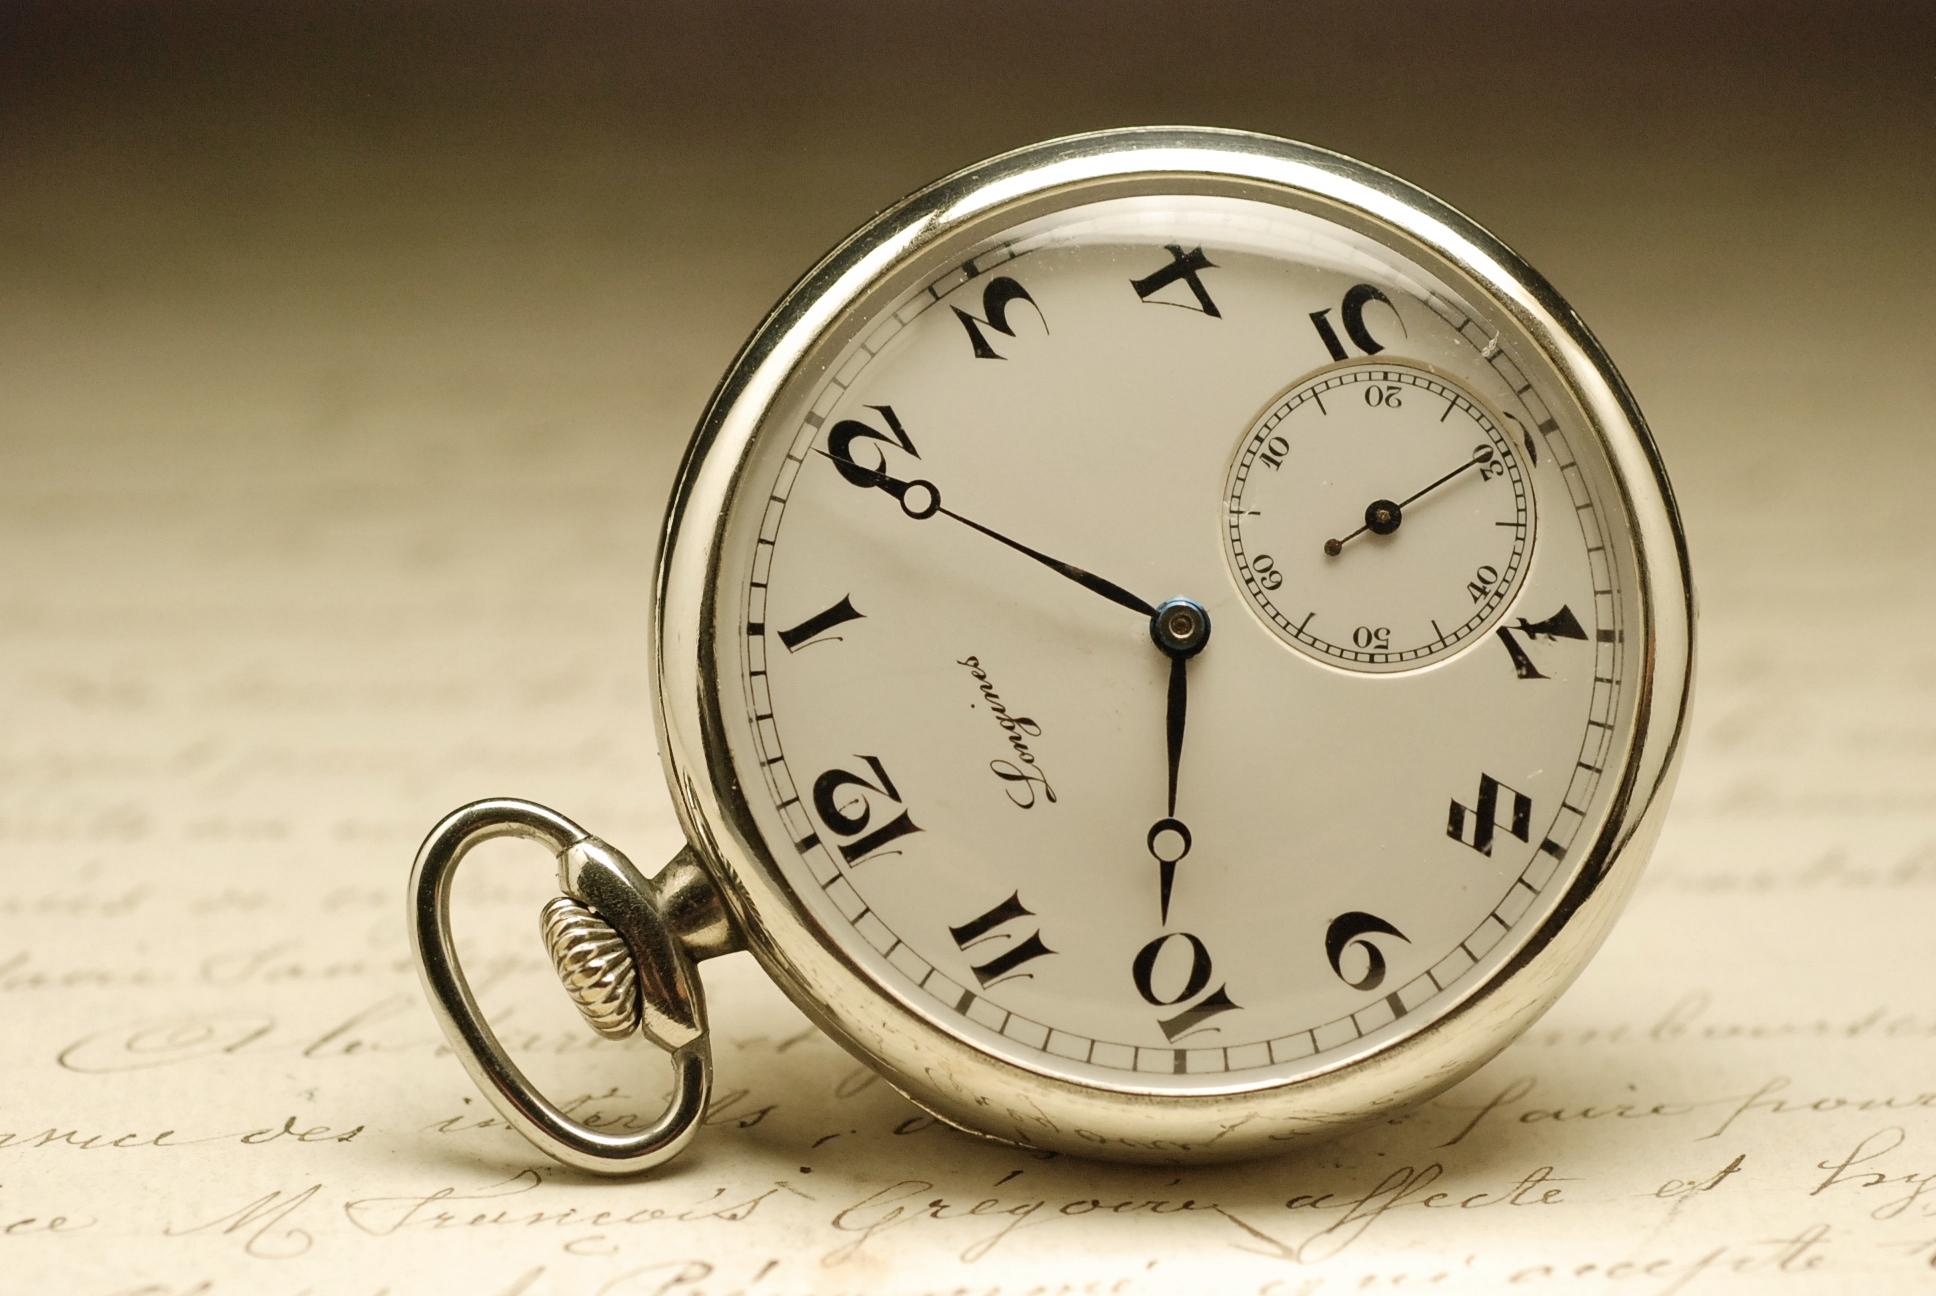 ancienne montre gousset longines 1920 vintage pocket watch. Black Bedroom Furniture Sets. Home Design Ideas